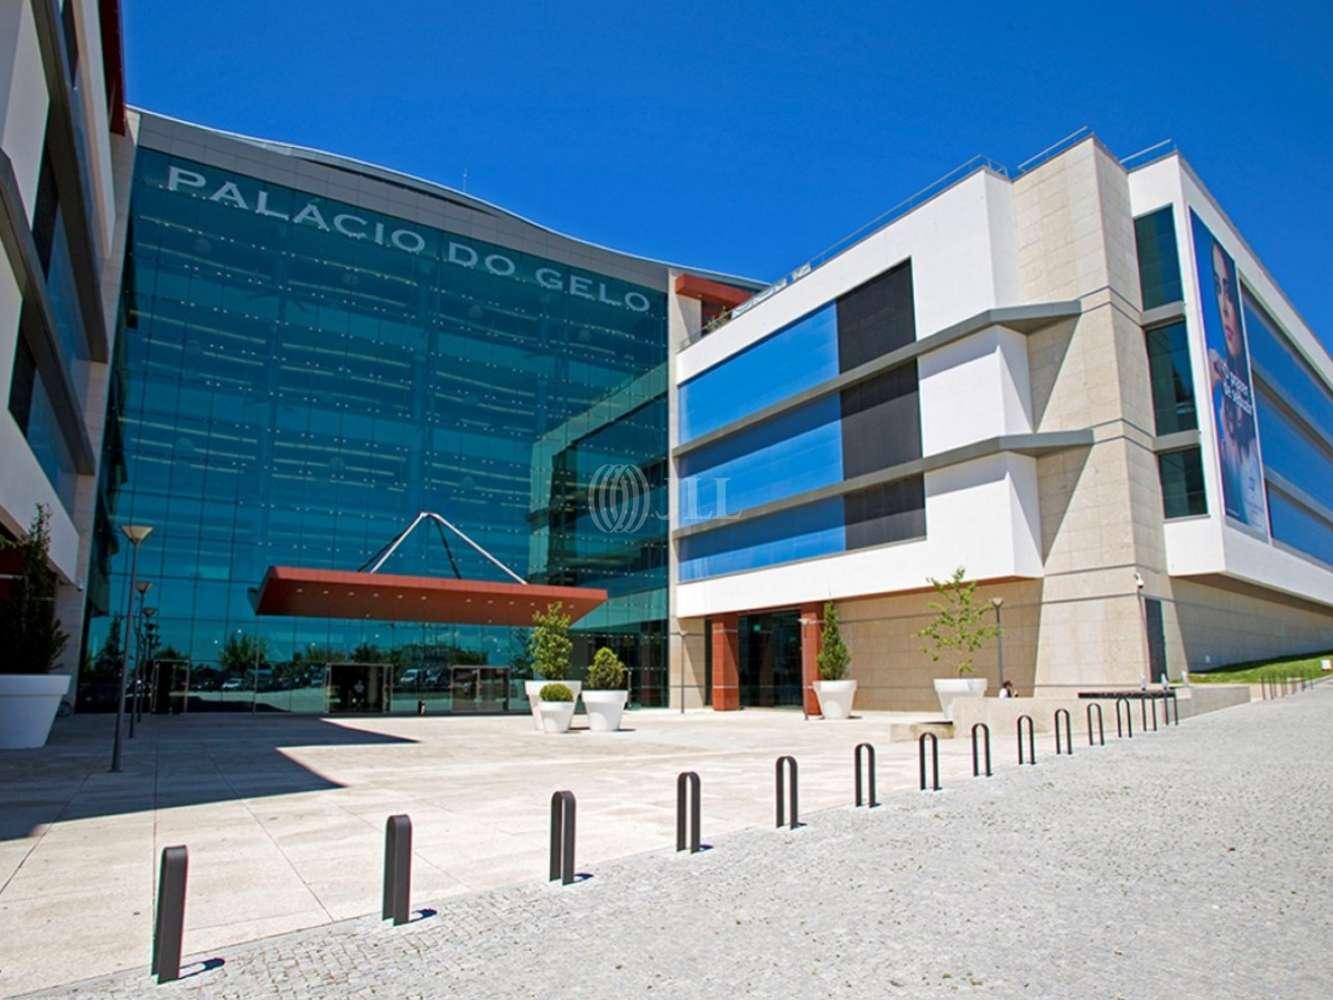 Centro-comercial Viseu, 3500-606 - Palácio do Gelo Shopping